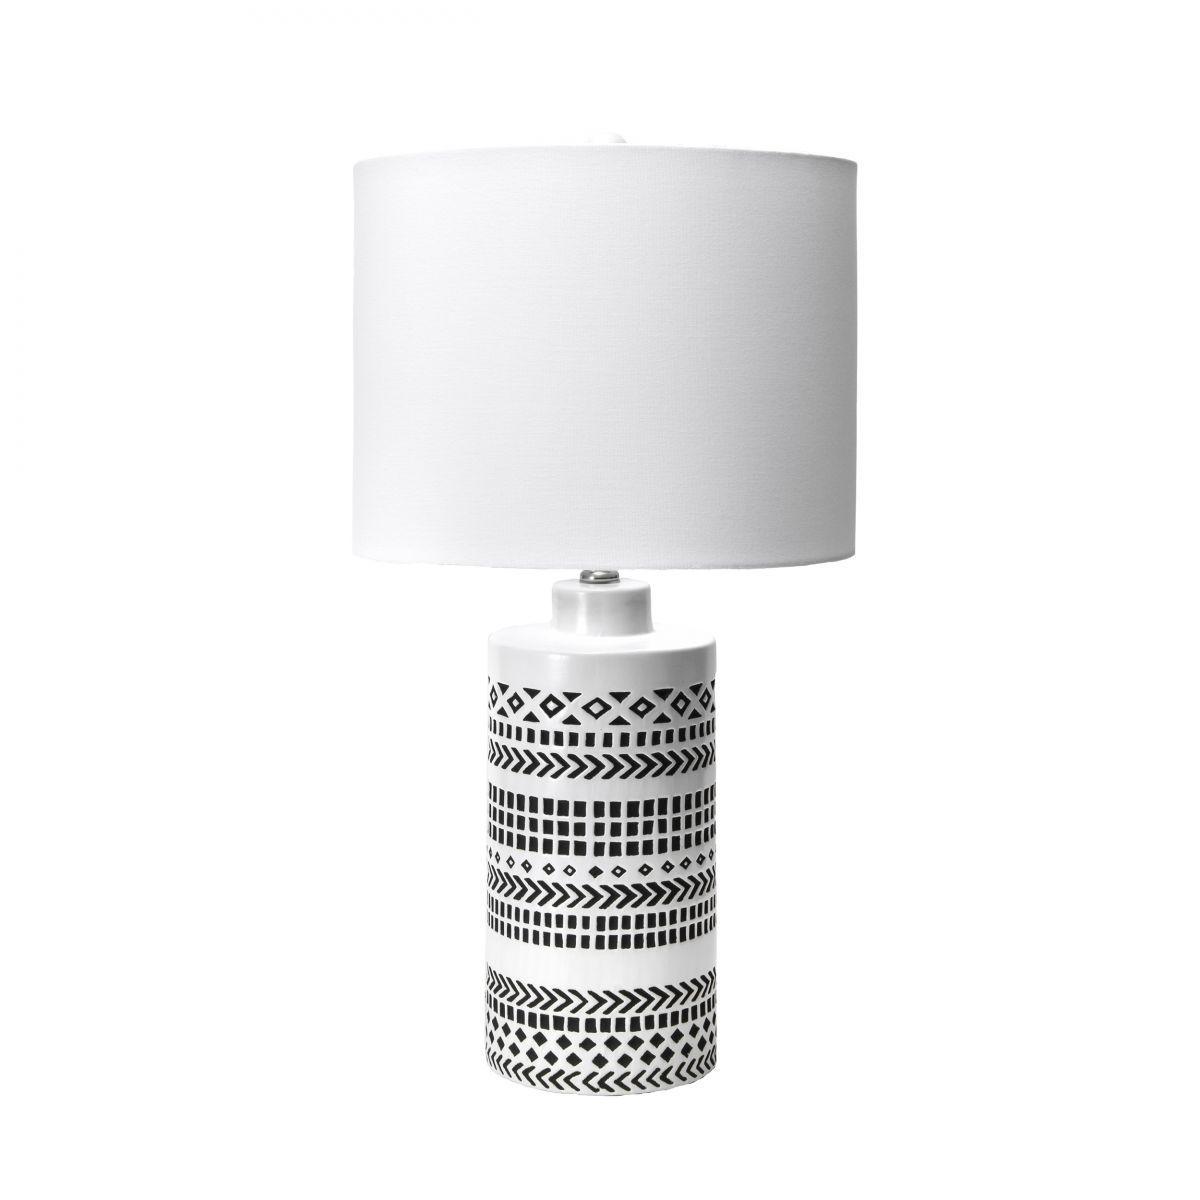 Alva 24 Inch Tribal Striped Ceramic Vase Table Lamp Off White Lamp In 2020 Vase Table Lamp Black Table Lamps Table Lamp